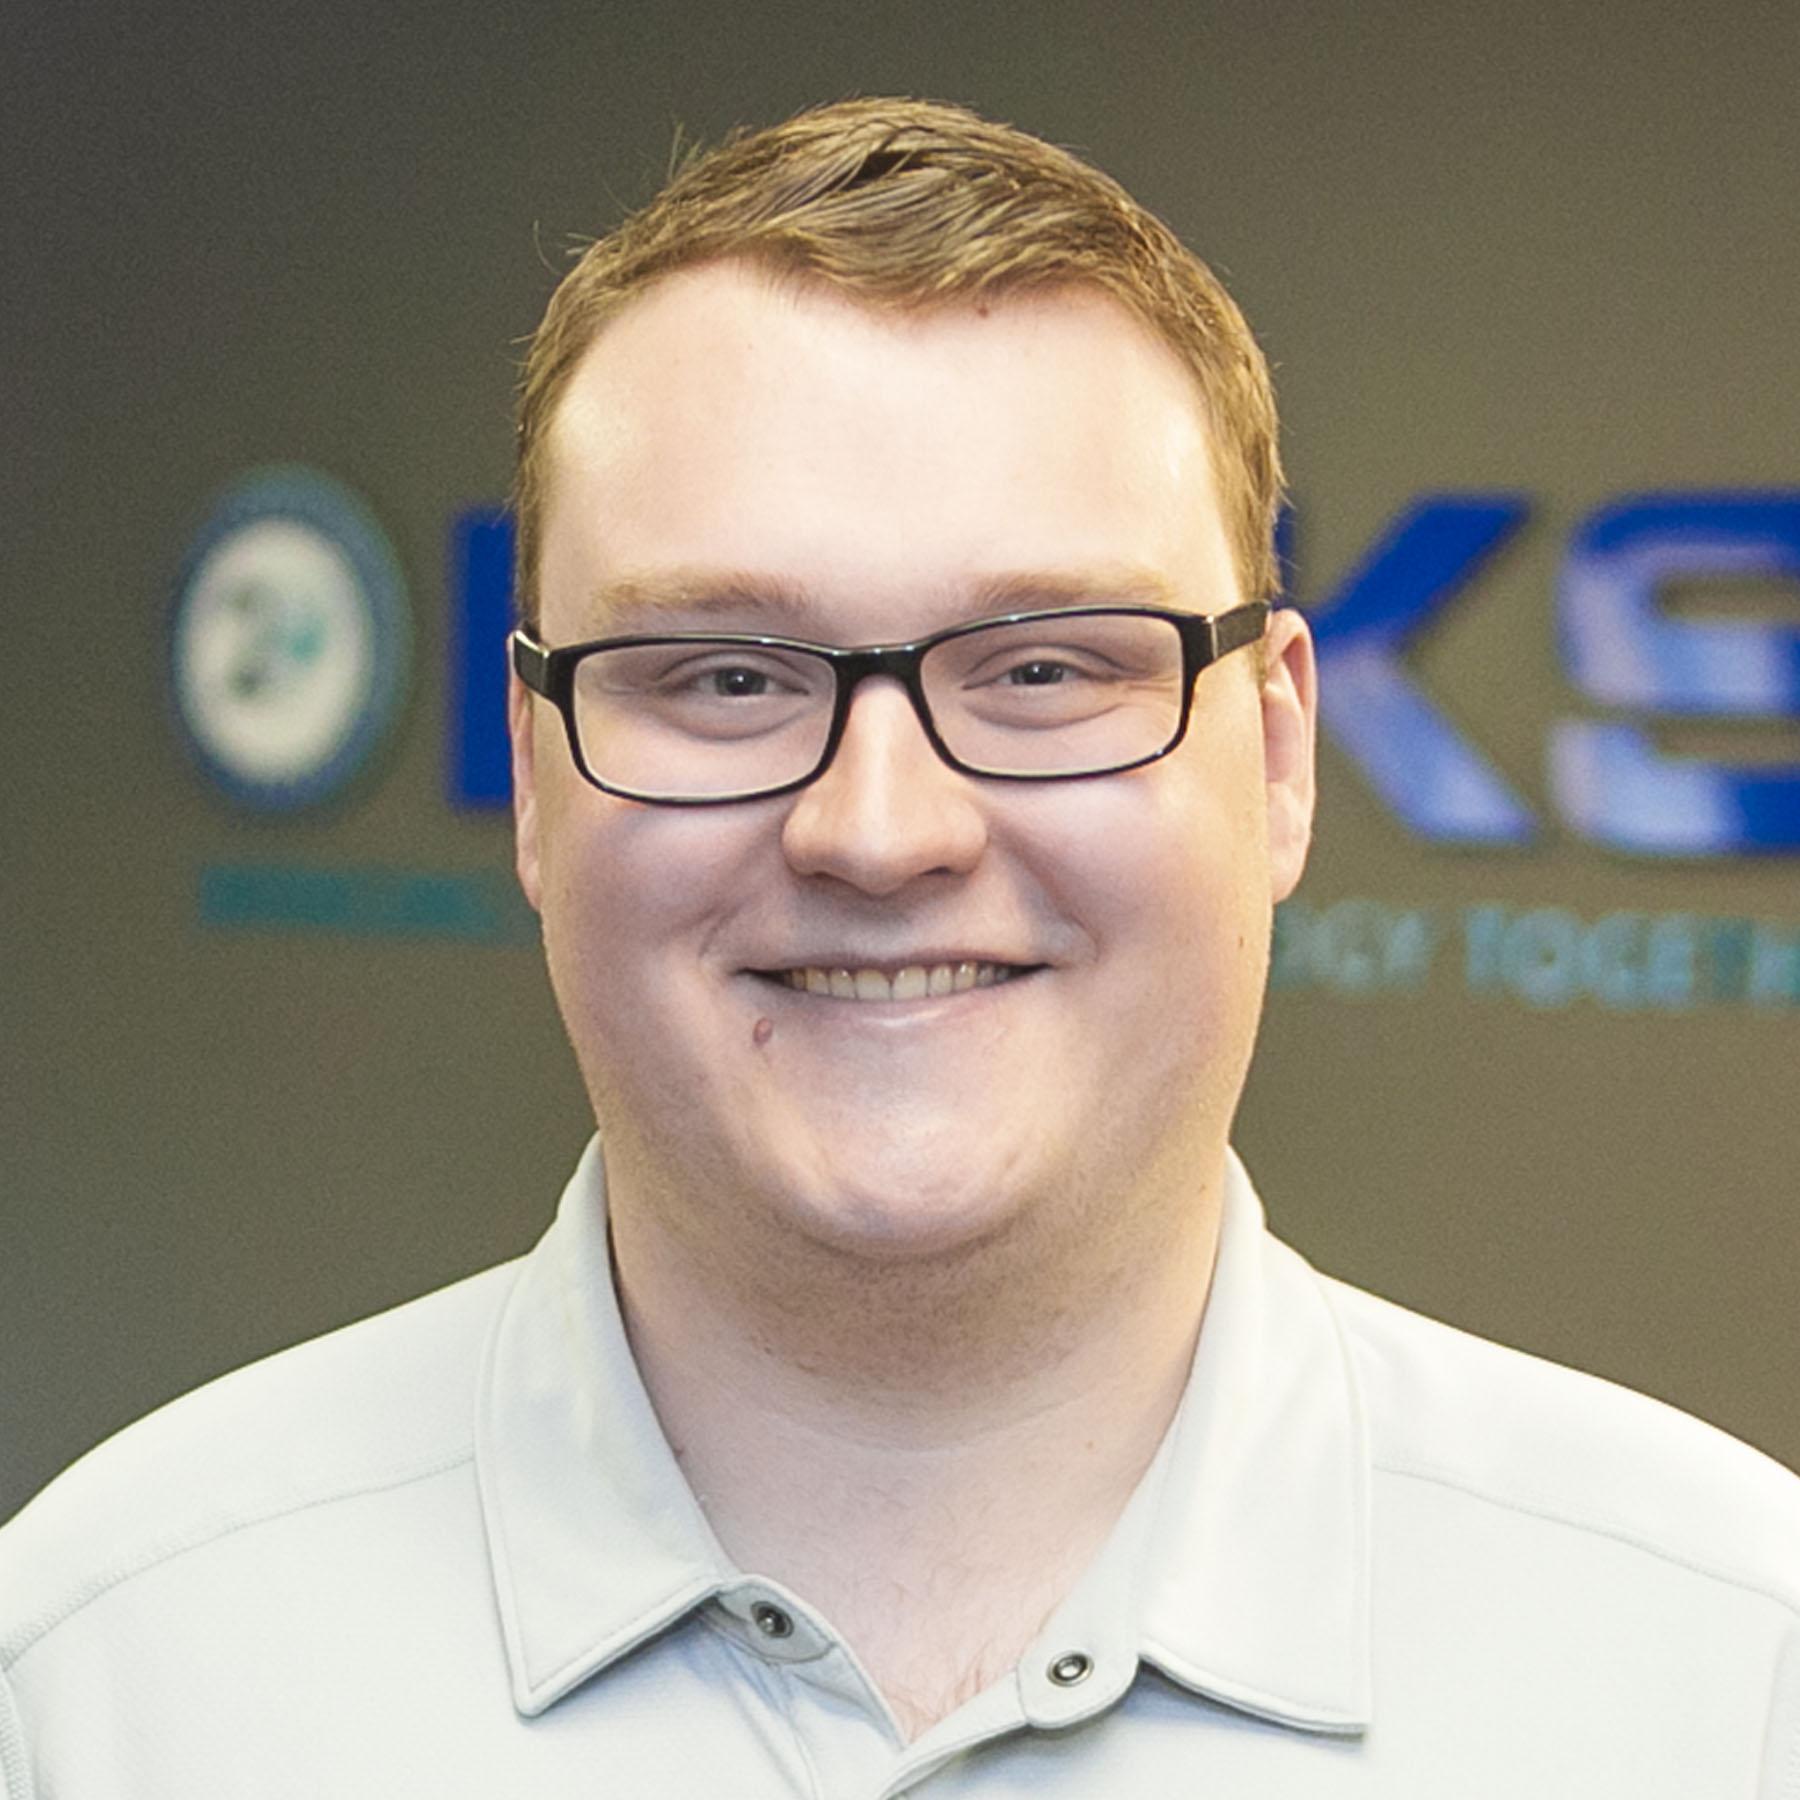 Nathan Kanabrocki